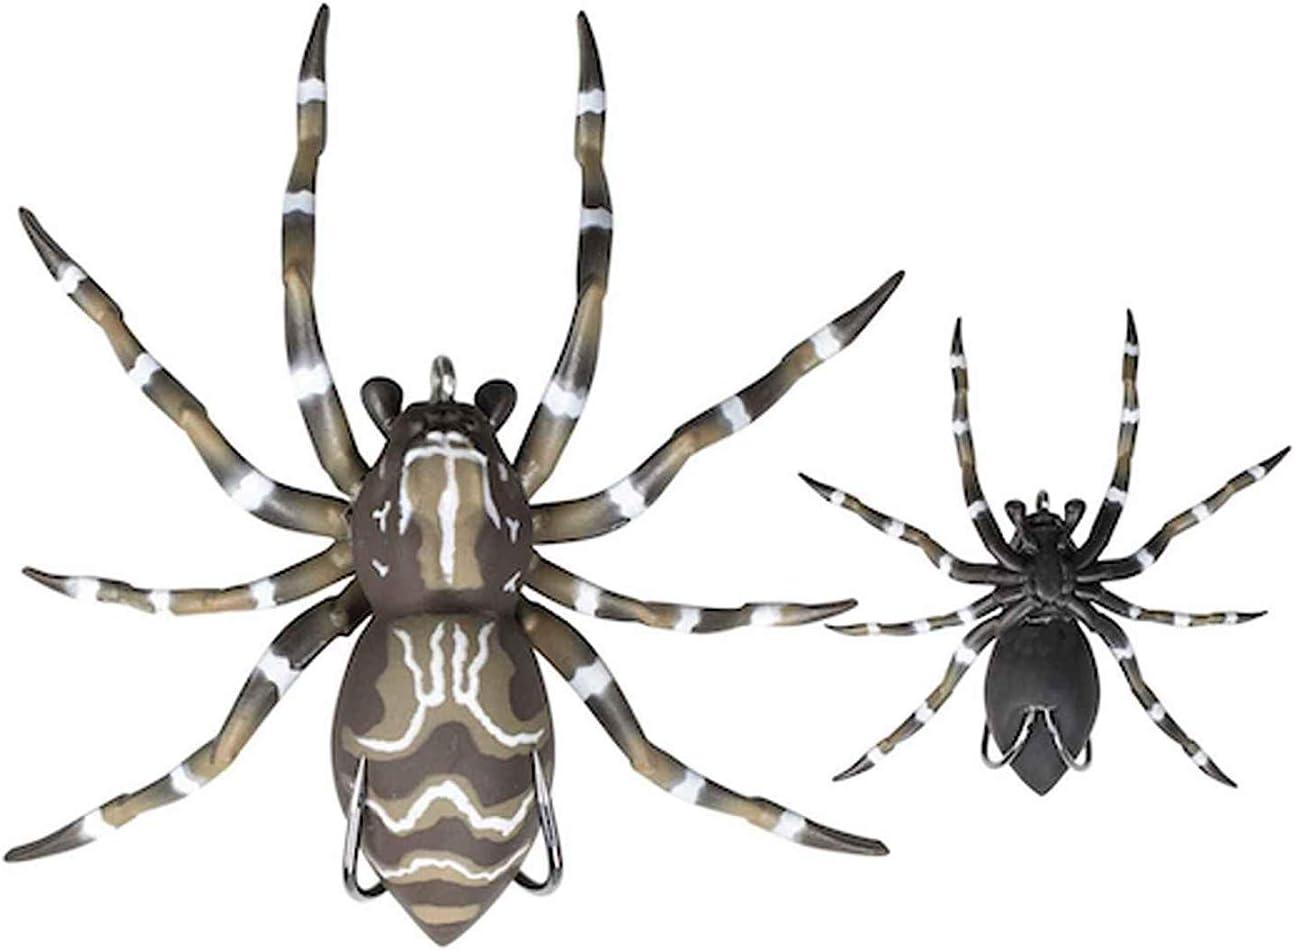 2 L/änge Unkrautloser Angelk/öder mit realistischem Design wiegt 28 g Lunkerhunt Phantom Spider